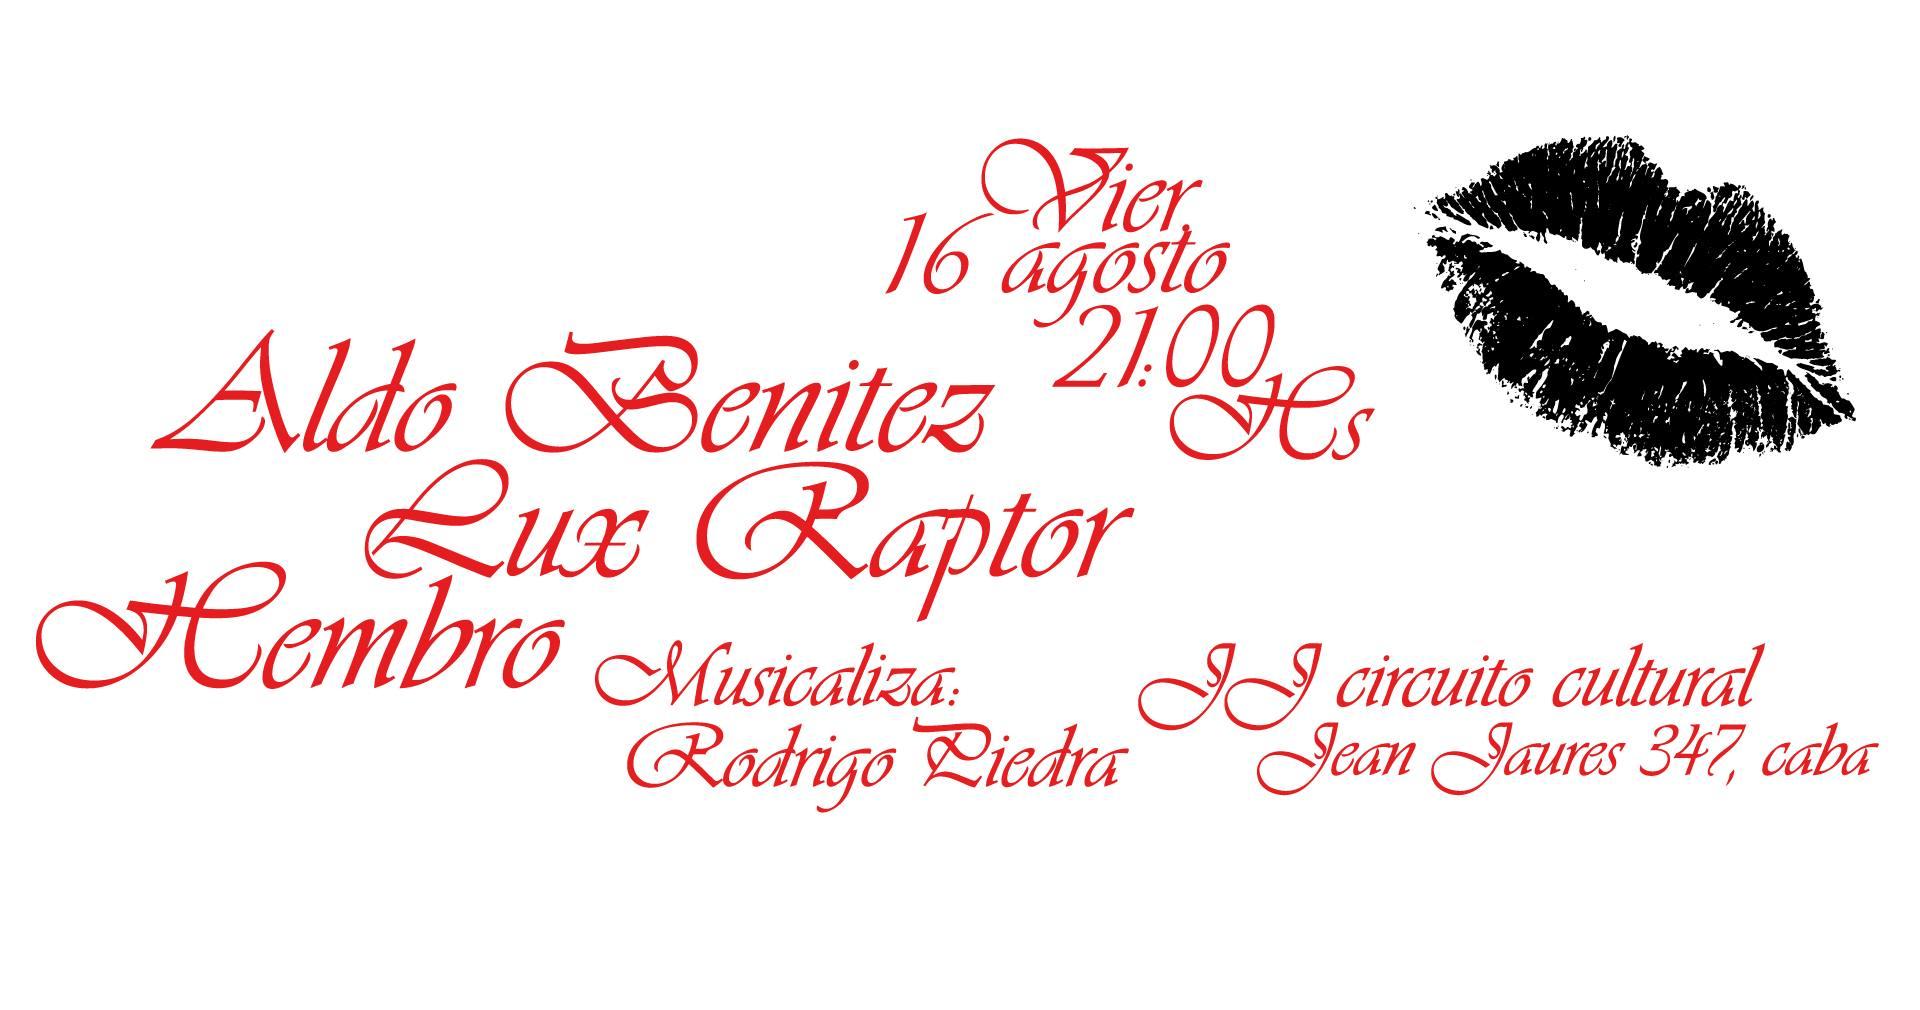 Aldo Benítez, Lux Raptor y Hembro en JJ Circuito Cultural